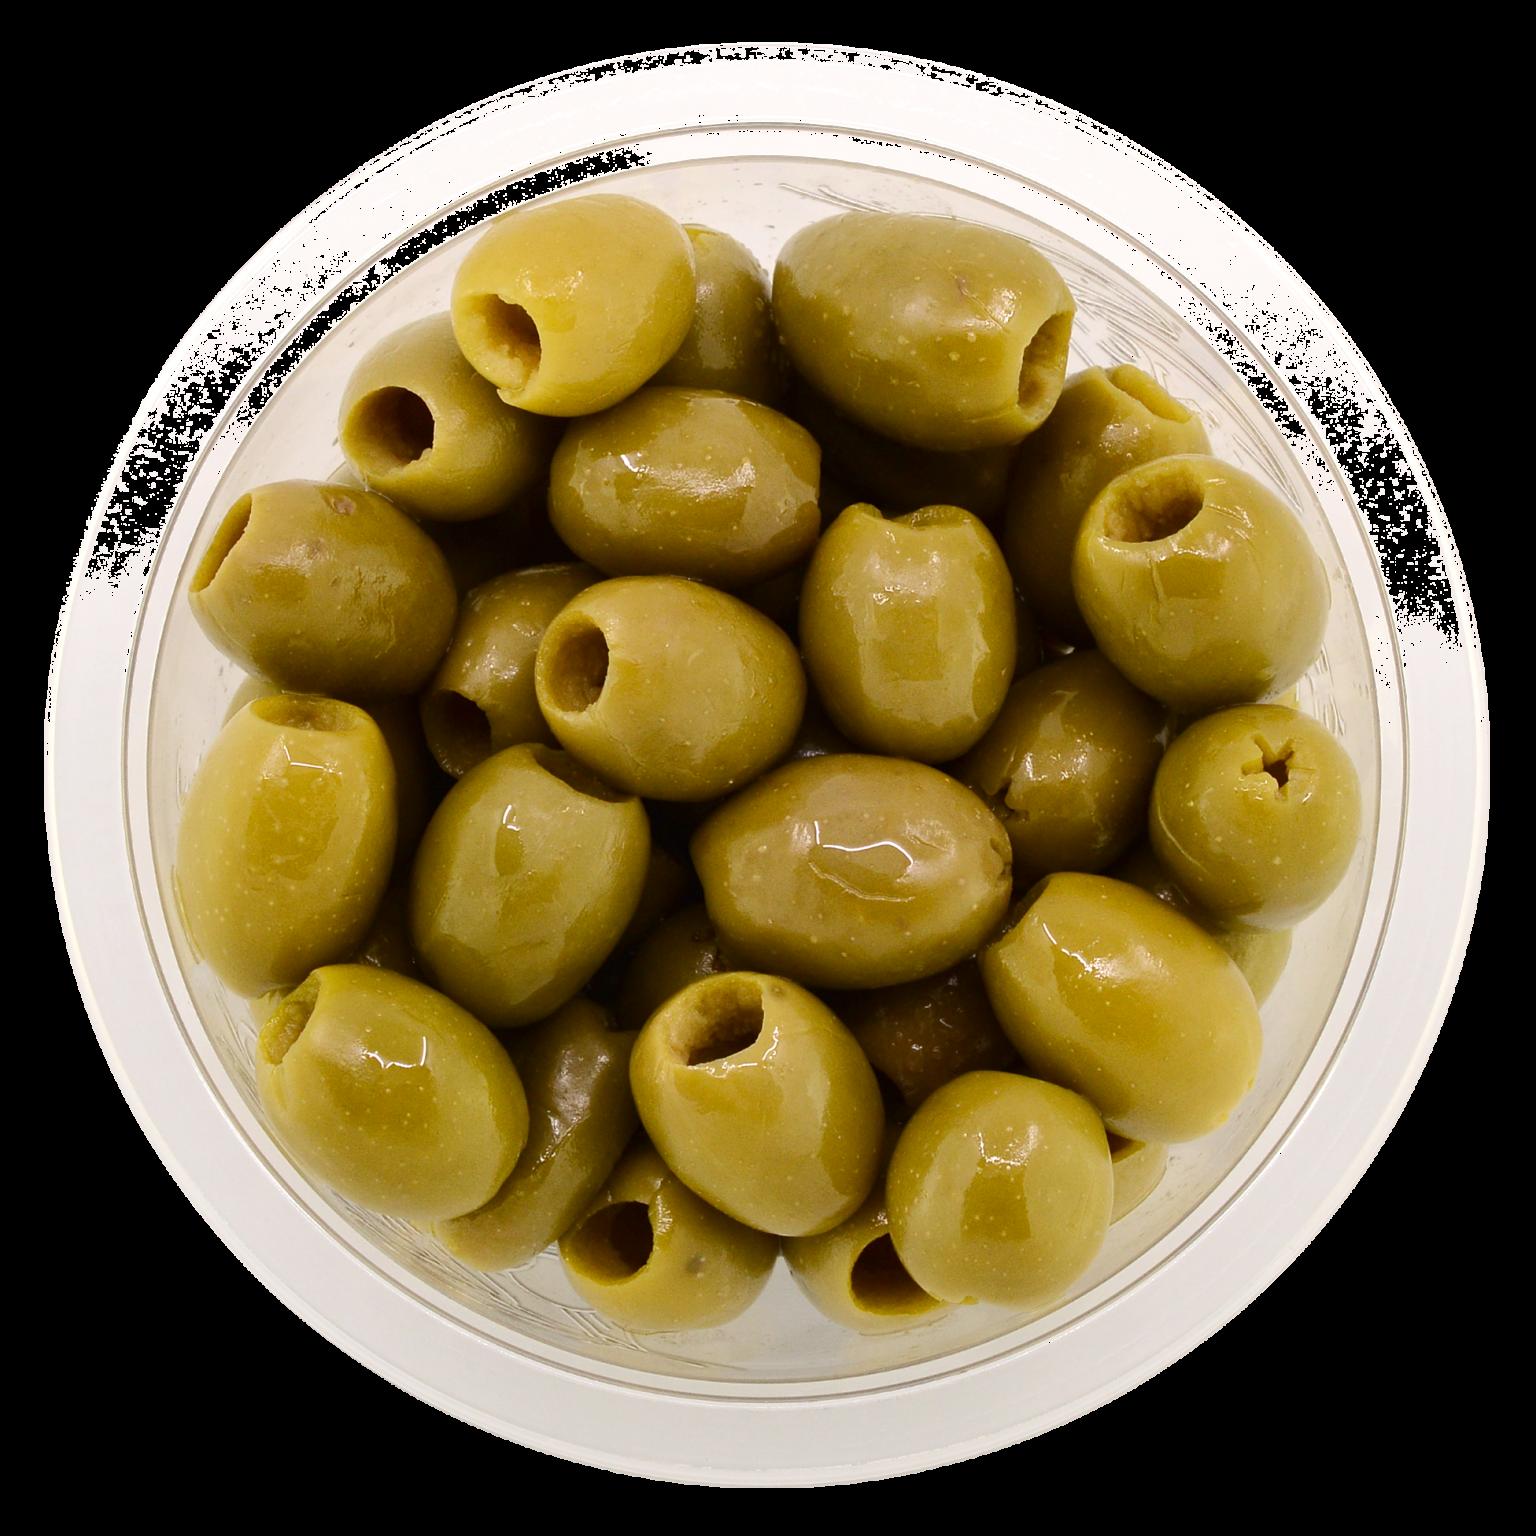 père olive natuur 150g